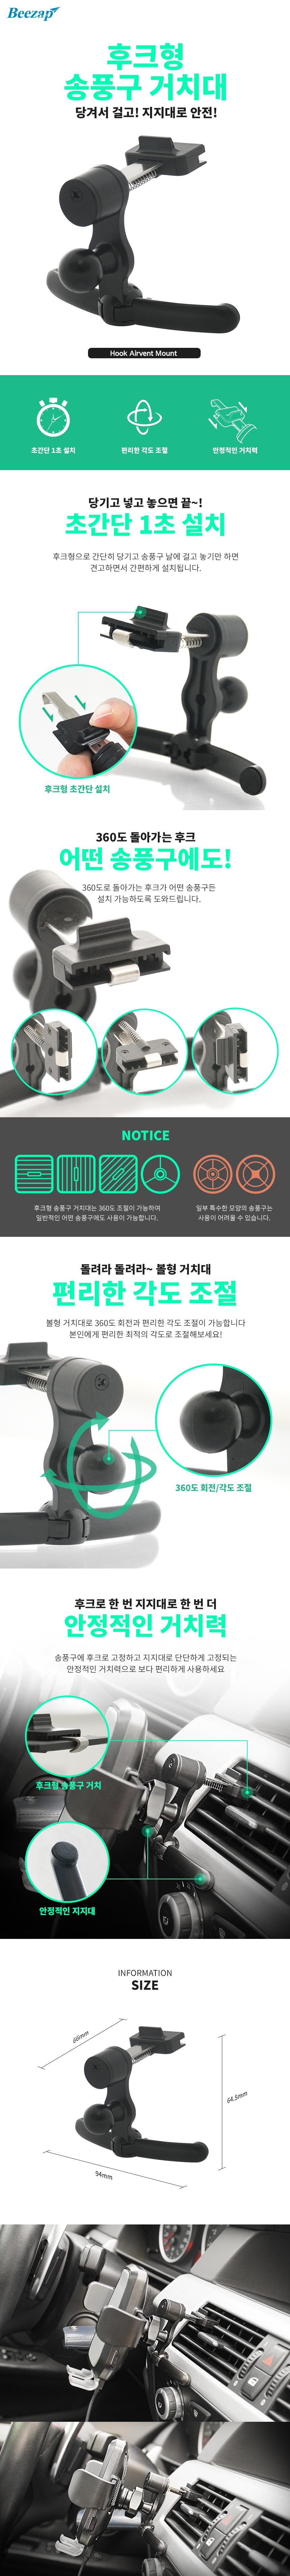 비잽 후크형 송풍구 거치대 - 버바팀, 3,500원, 거치대/홀더, 차량용 거치대